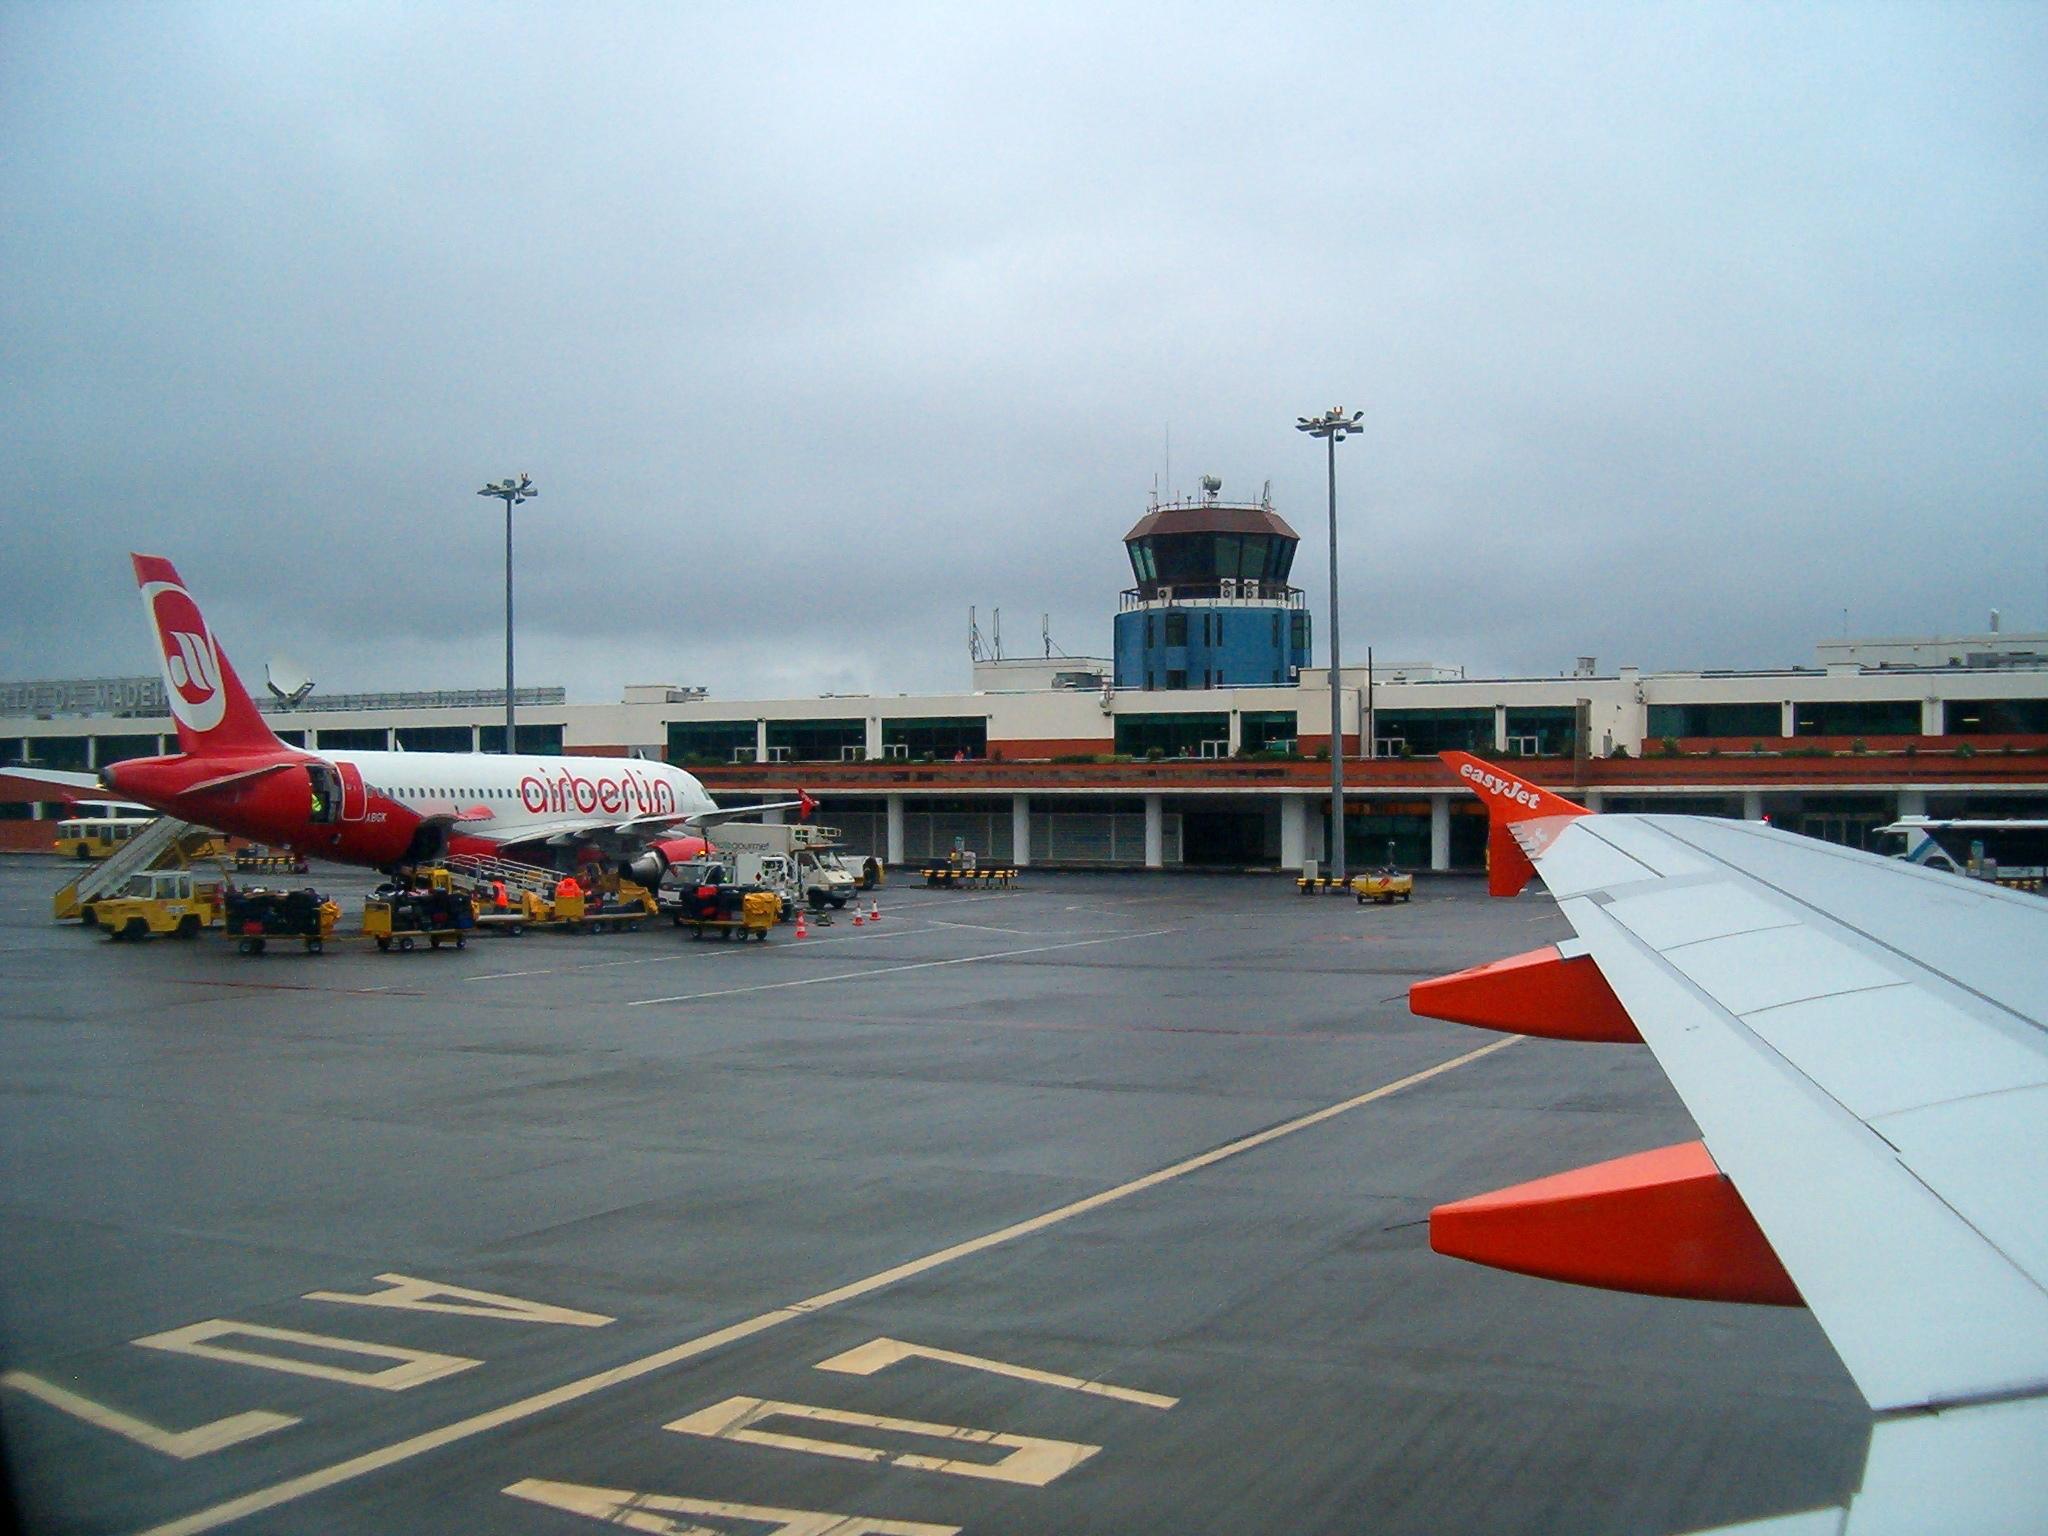 Doper flygplats efter ronaldo